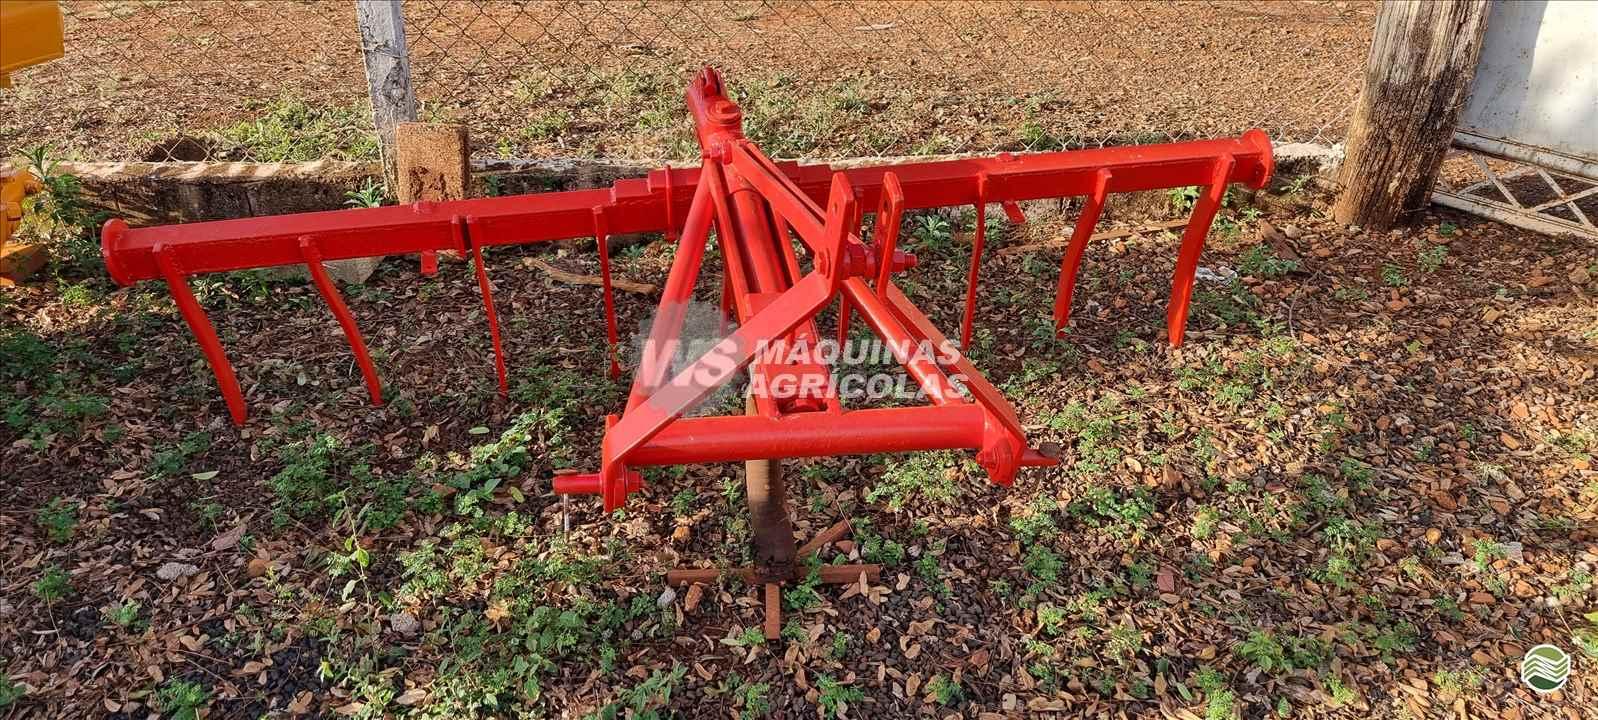 IMPLEMENTOS AGRICOLAS SUBSOLADOR 9 HASTES WS Máquinas Agrícolas SERTAOZINHO SÃO PAULO SP